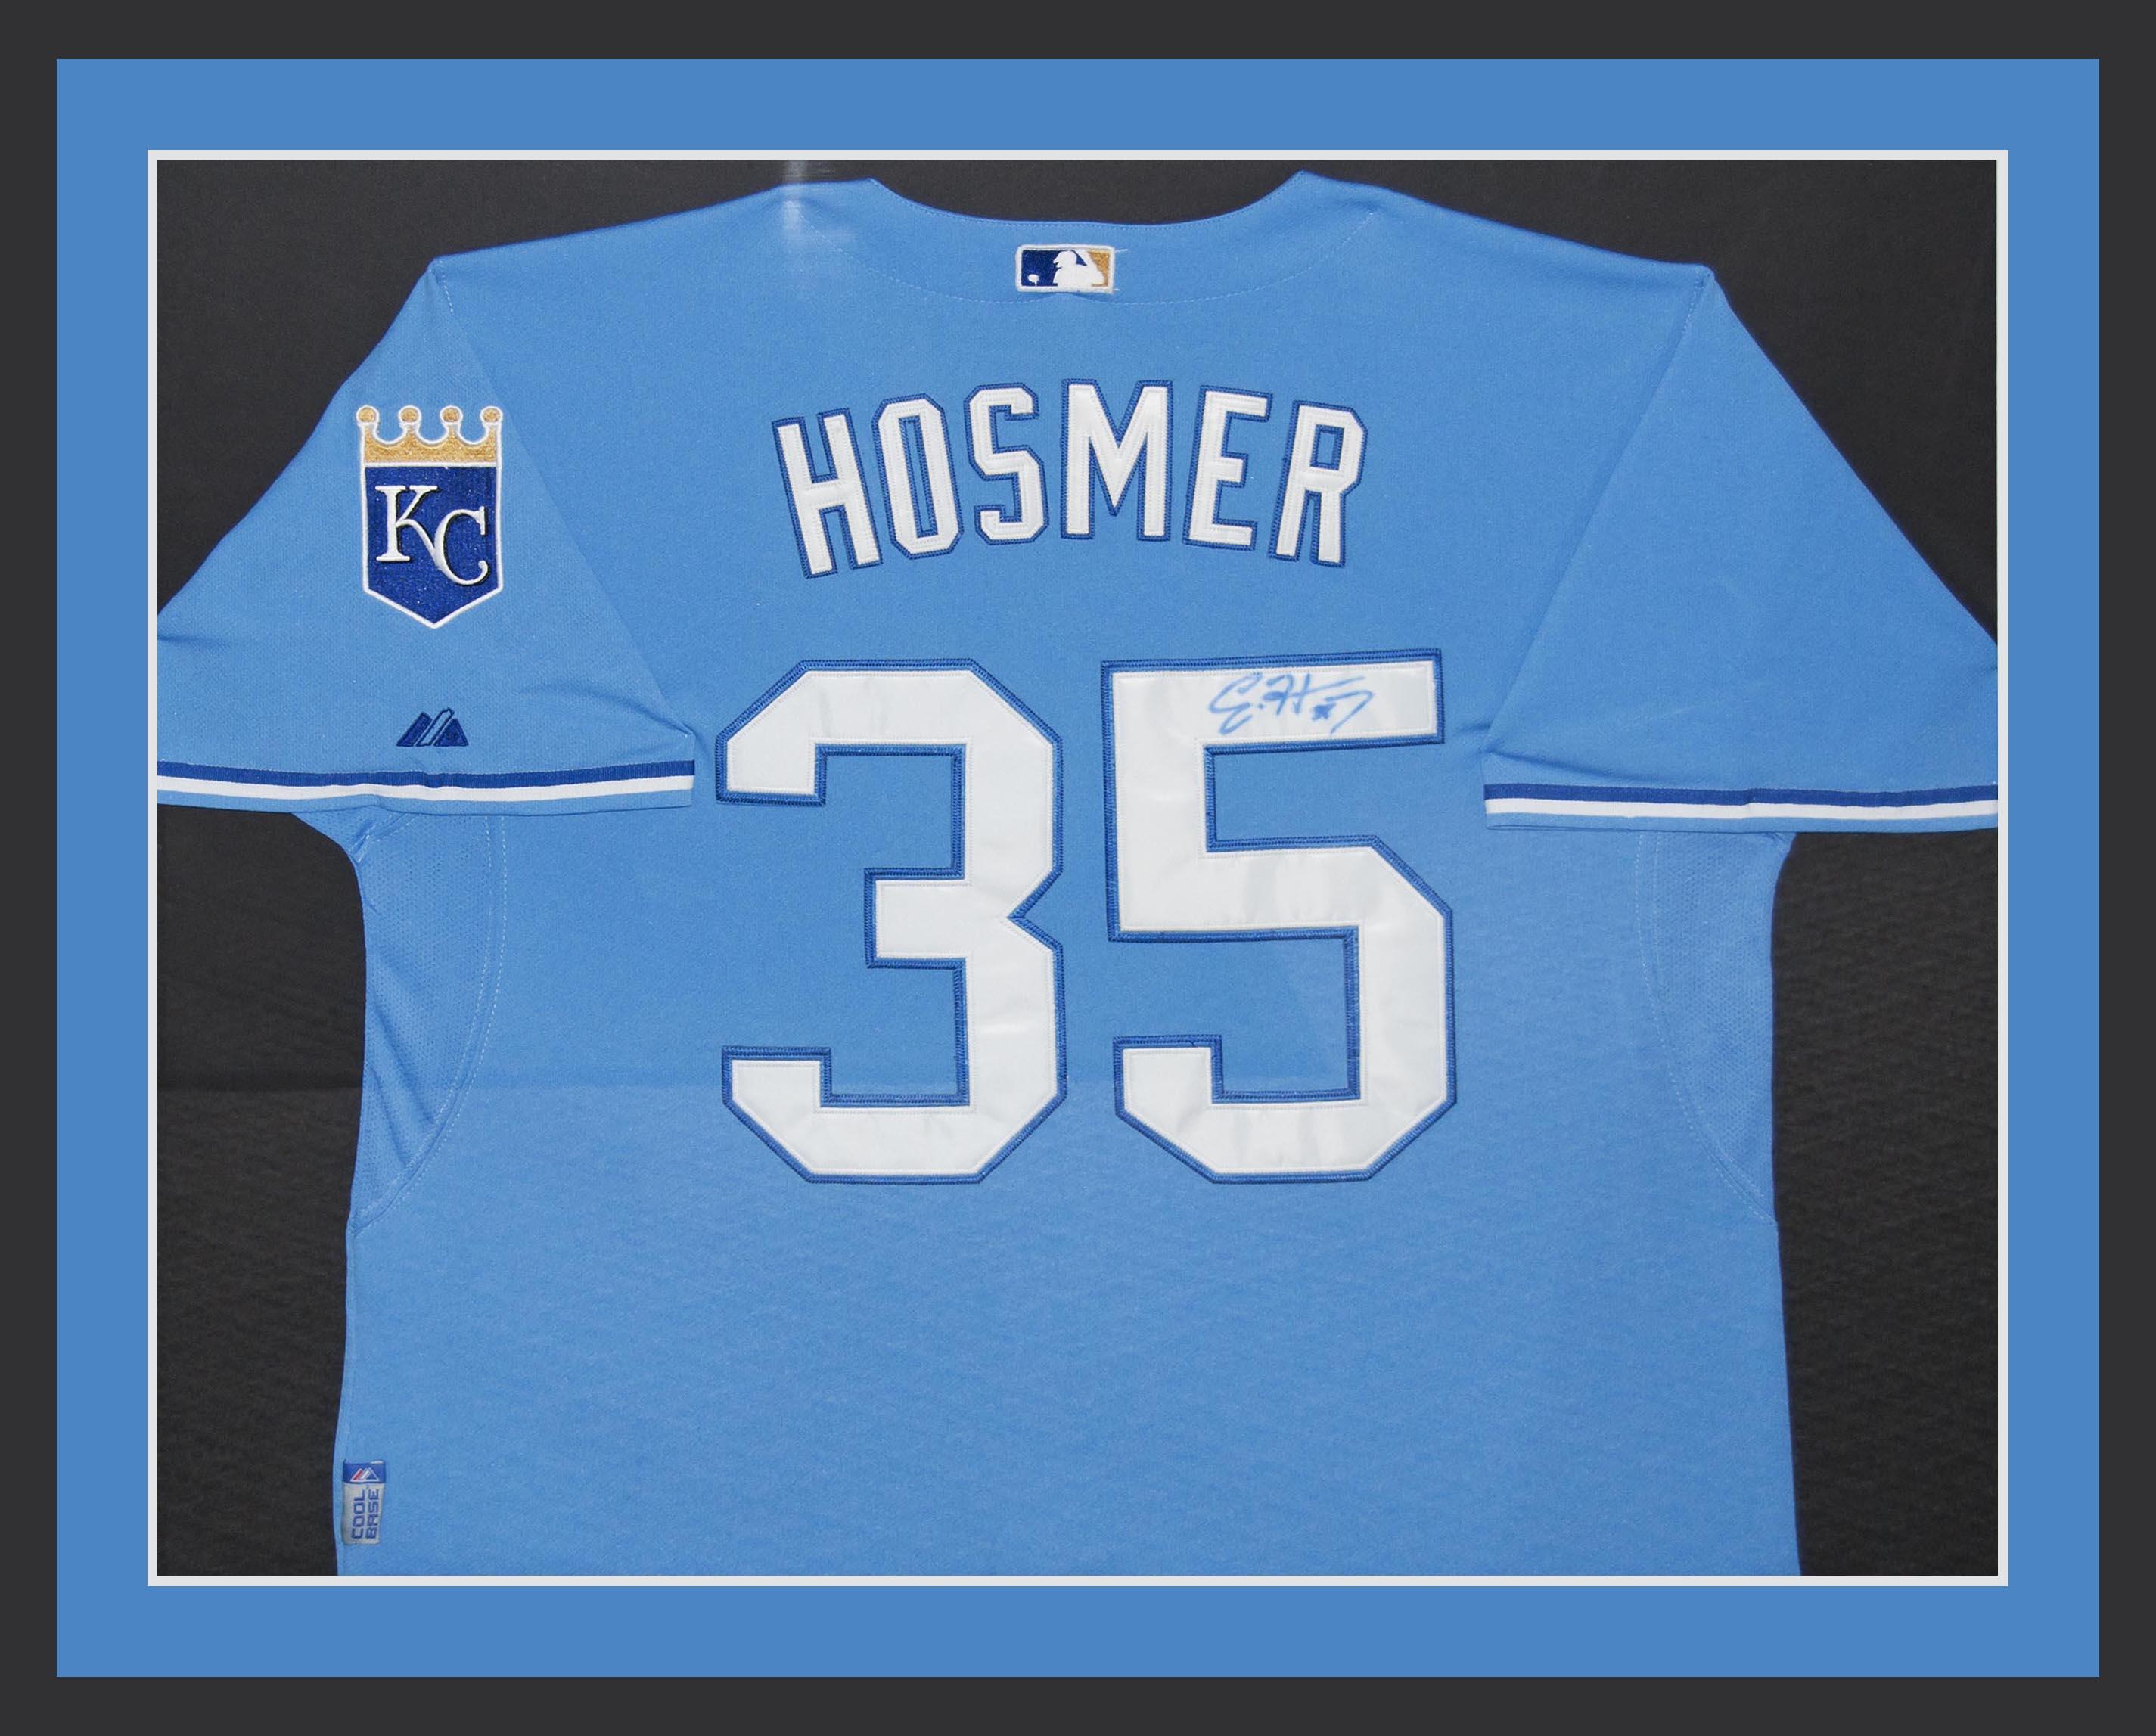 Hosmer_DSC0007